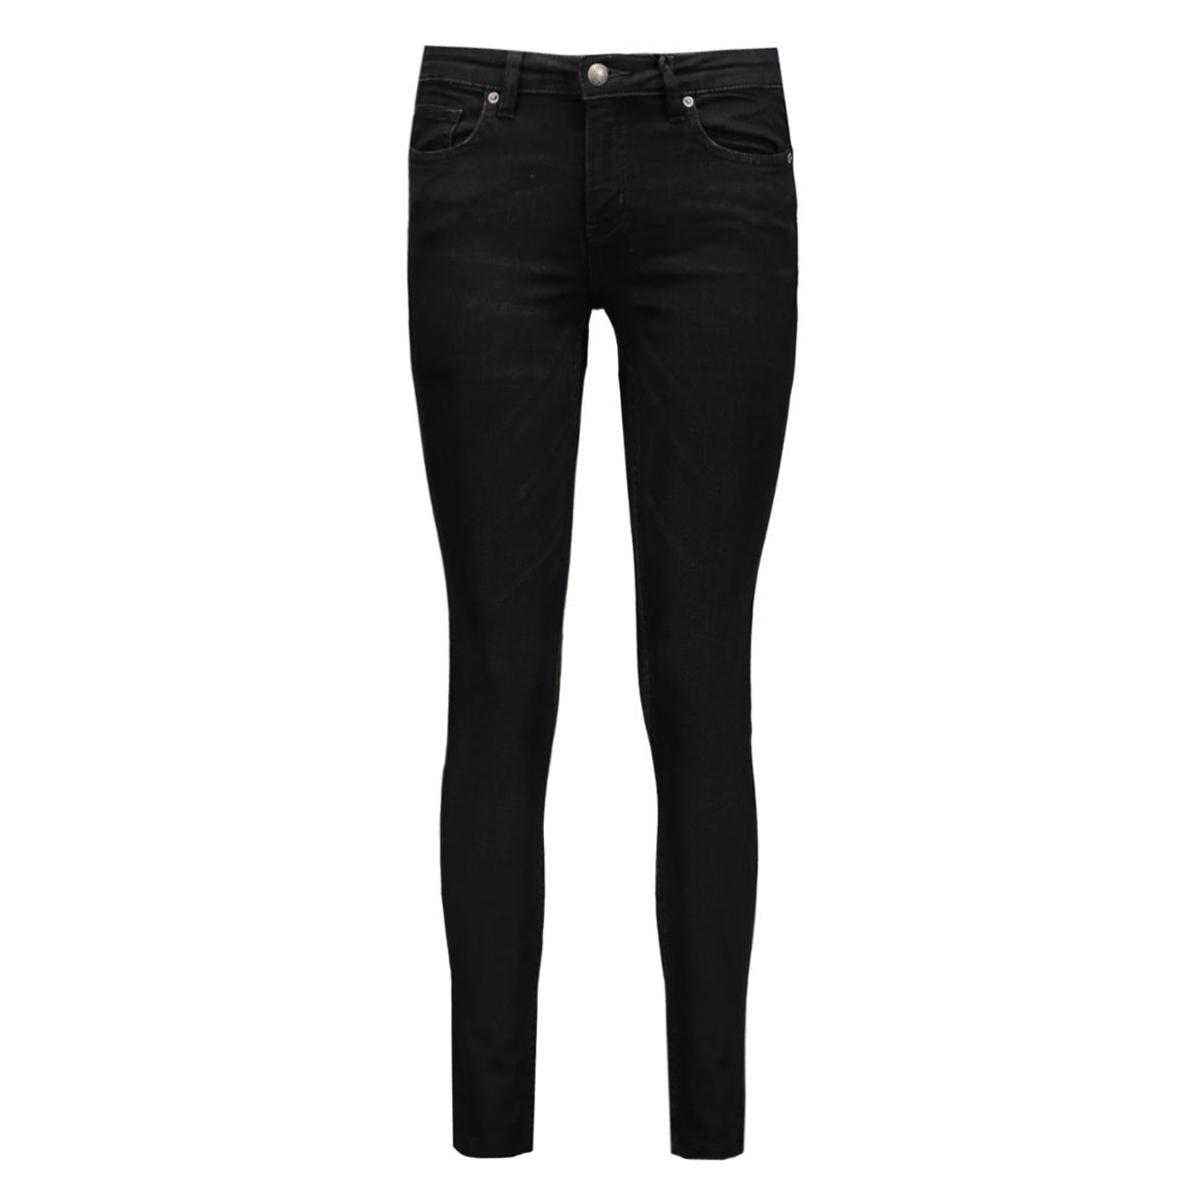 jeans olivia7 mango broeken 73020021-tn